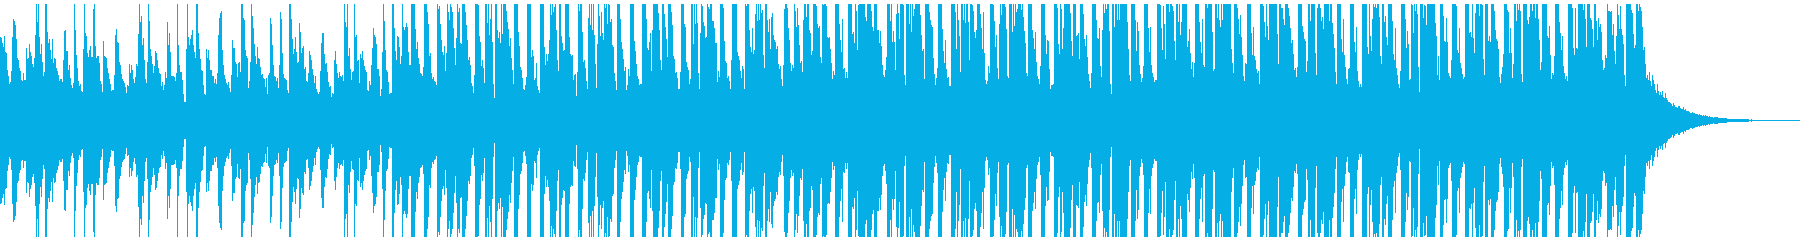 ハウスパーティー(ショート)の再生済みの波形